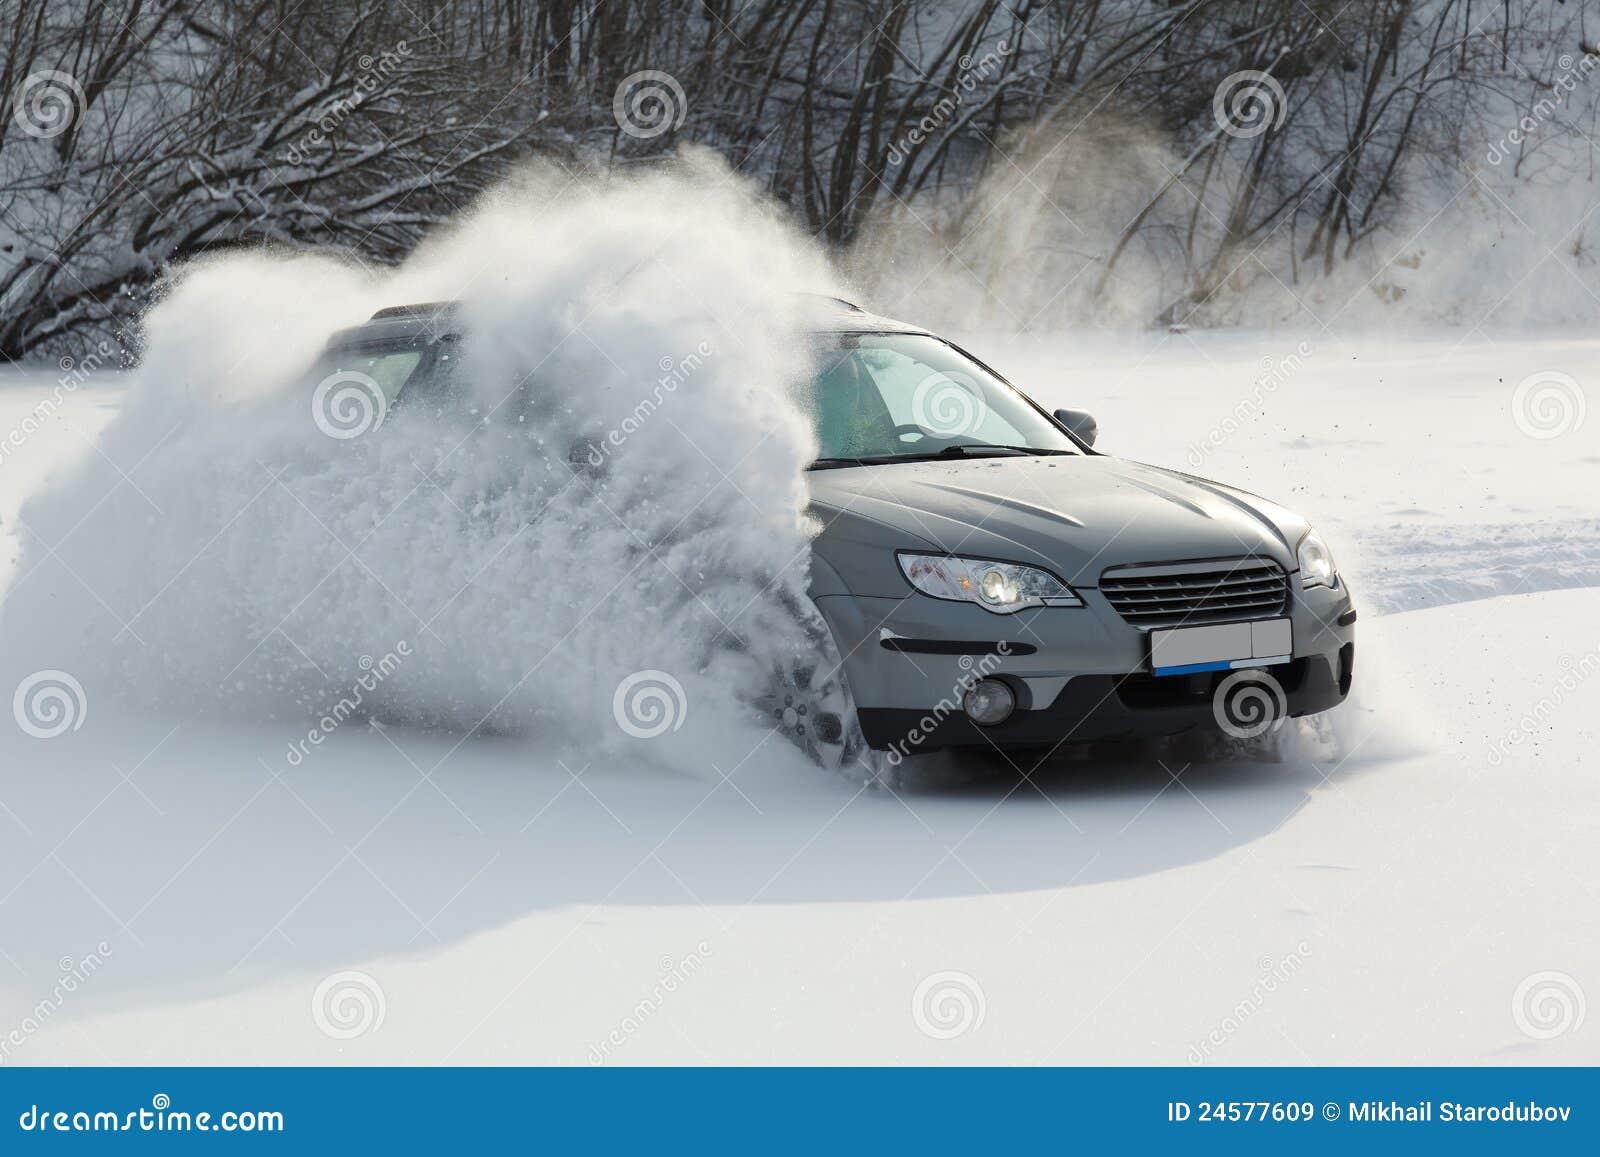 O carro está movendo-se ràpida sobre a neve lisa